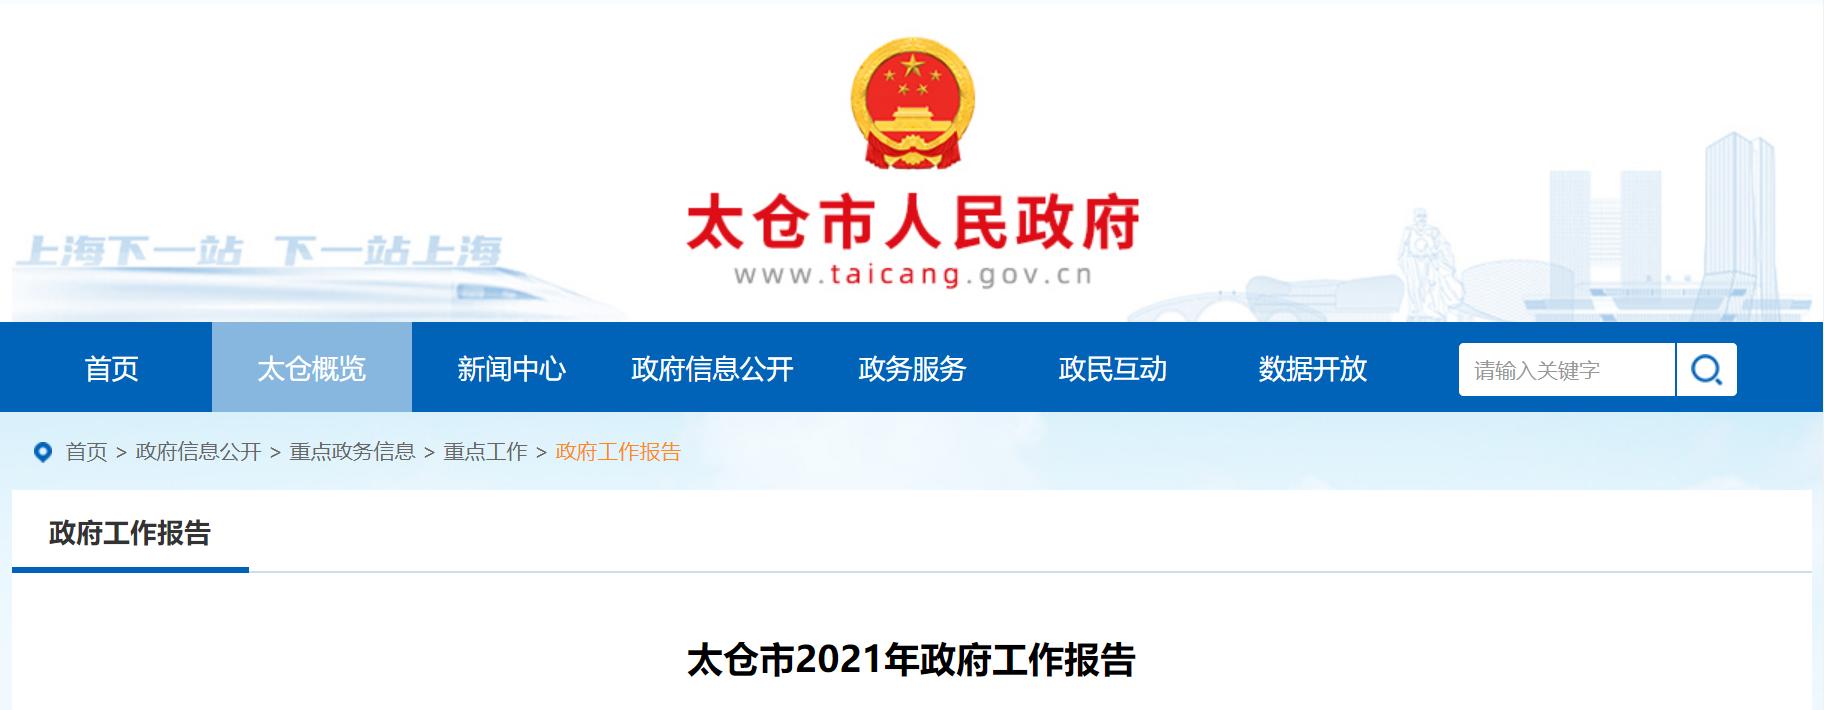 苏州太仓市2021年政府工作报告发布